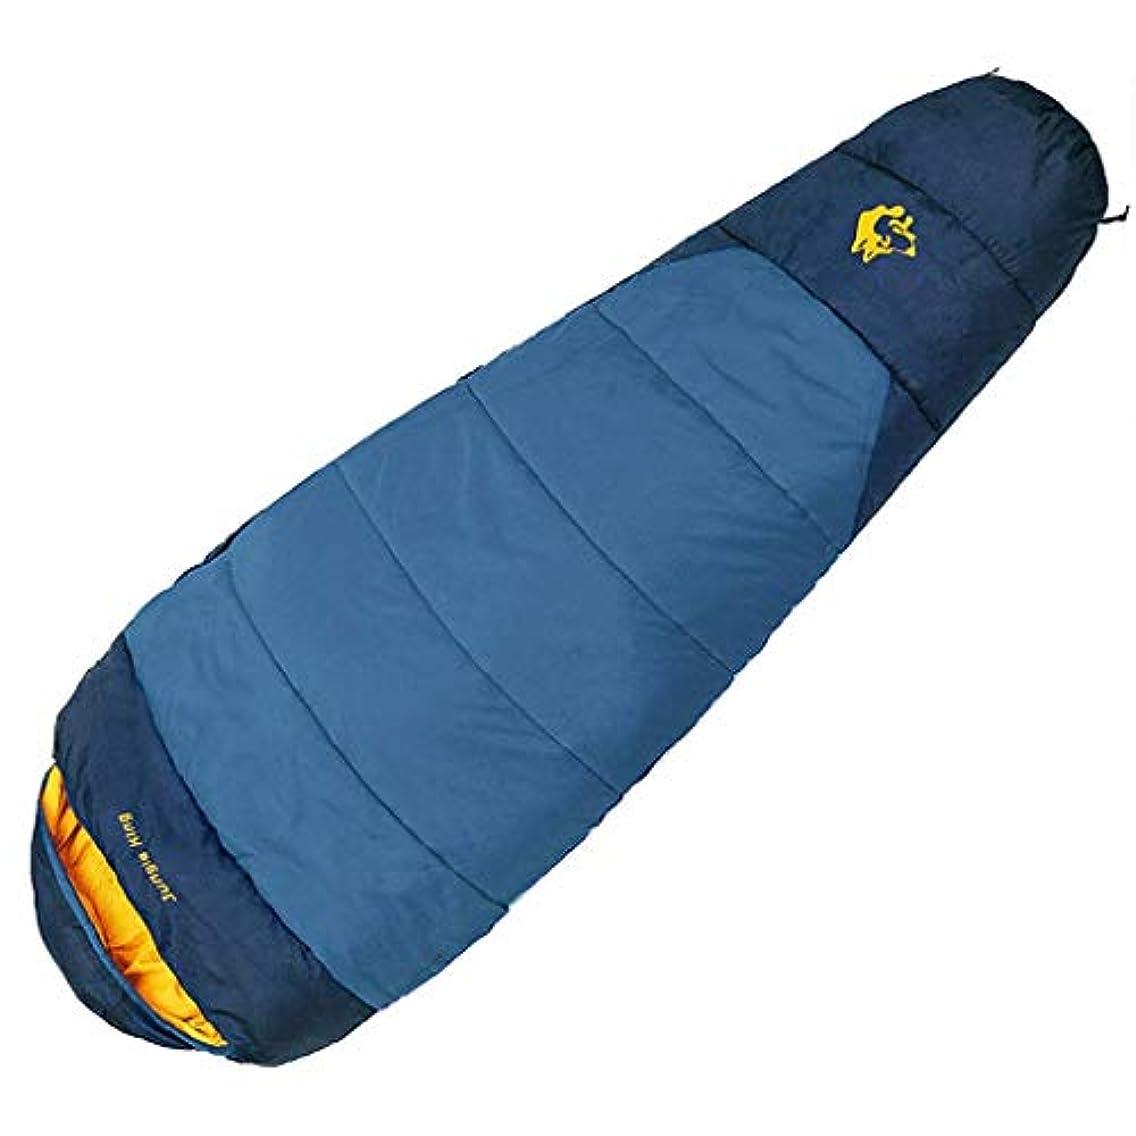 計画的電極道に迷いましたミイラキャンプの寝袋大人の防水ライト暖かい3-4シーズン寝台用旅行ハイキング屋内野外活動青黒オレンジ (色 : 青)